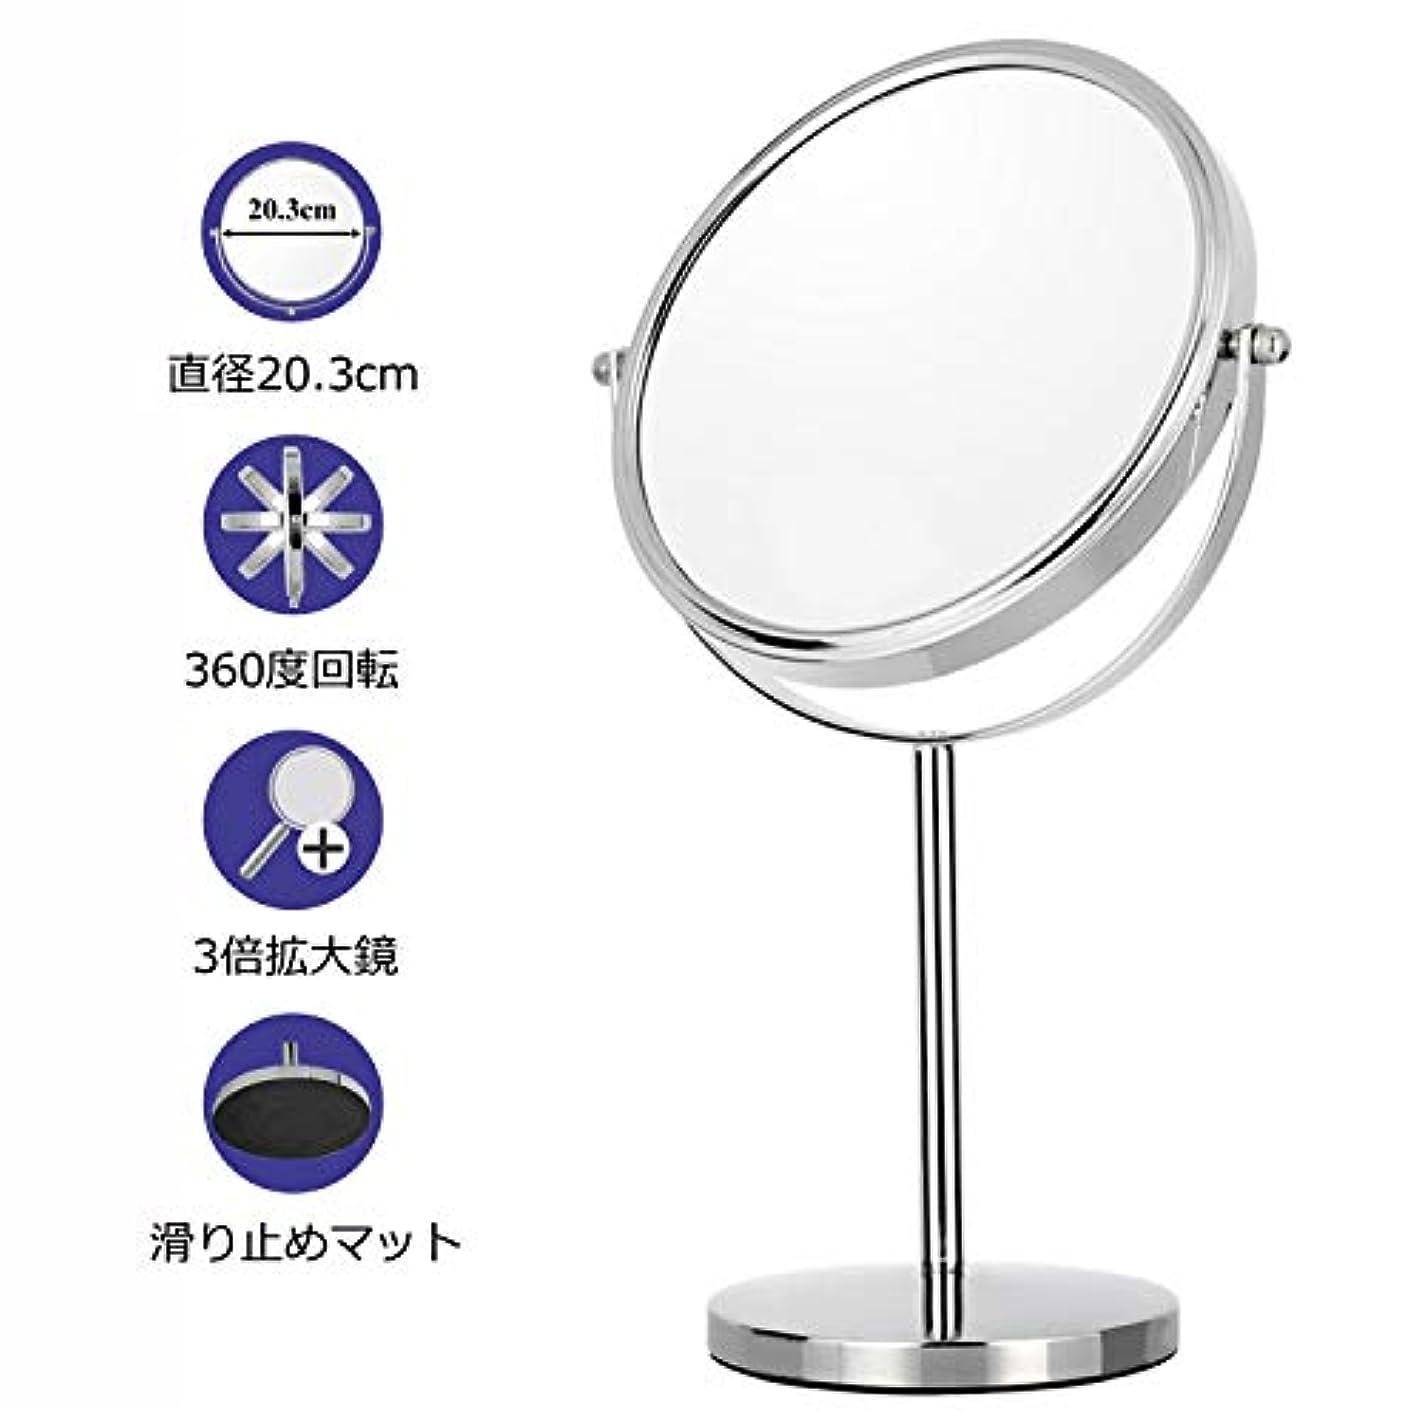 最大限標準数学鏡 卓上 拡大鏡付き 3倍卓上鏡 真実の両面鏡 浴室鏡 ミラー 360度回転 スタンドミラー クロム 鏡 (鏡面23.2cm)